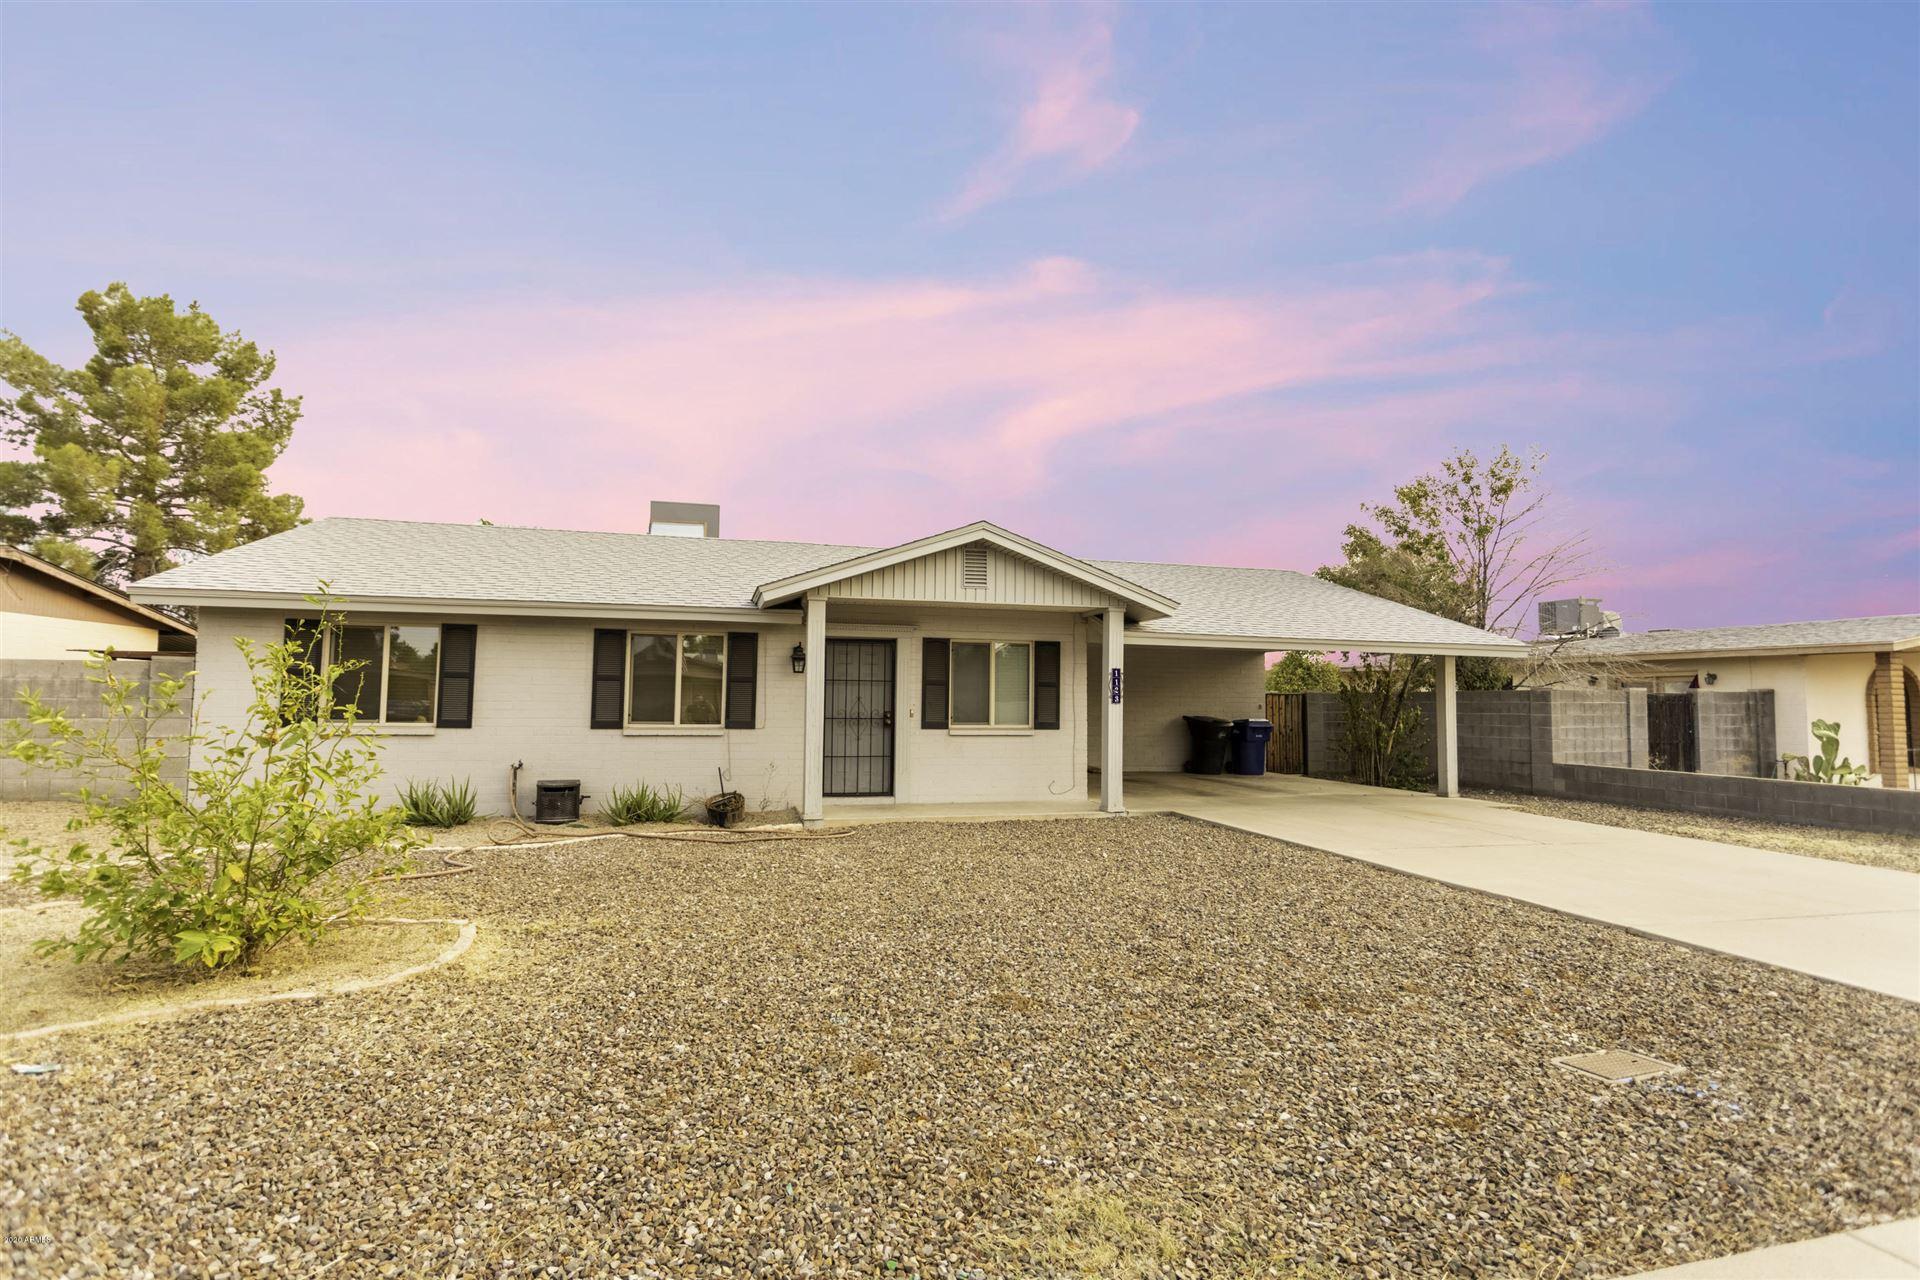 1123 W EMELITA Avenue, Mesa, AZ 85210 - MLS#: 6128844